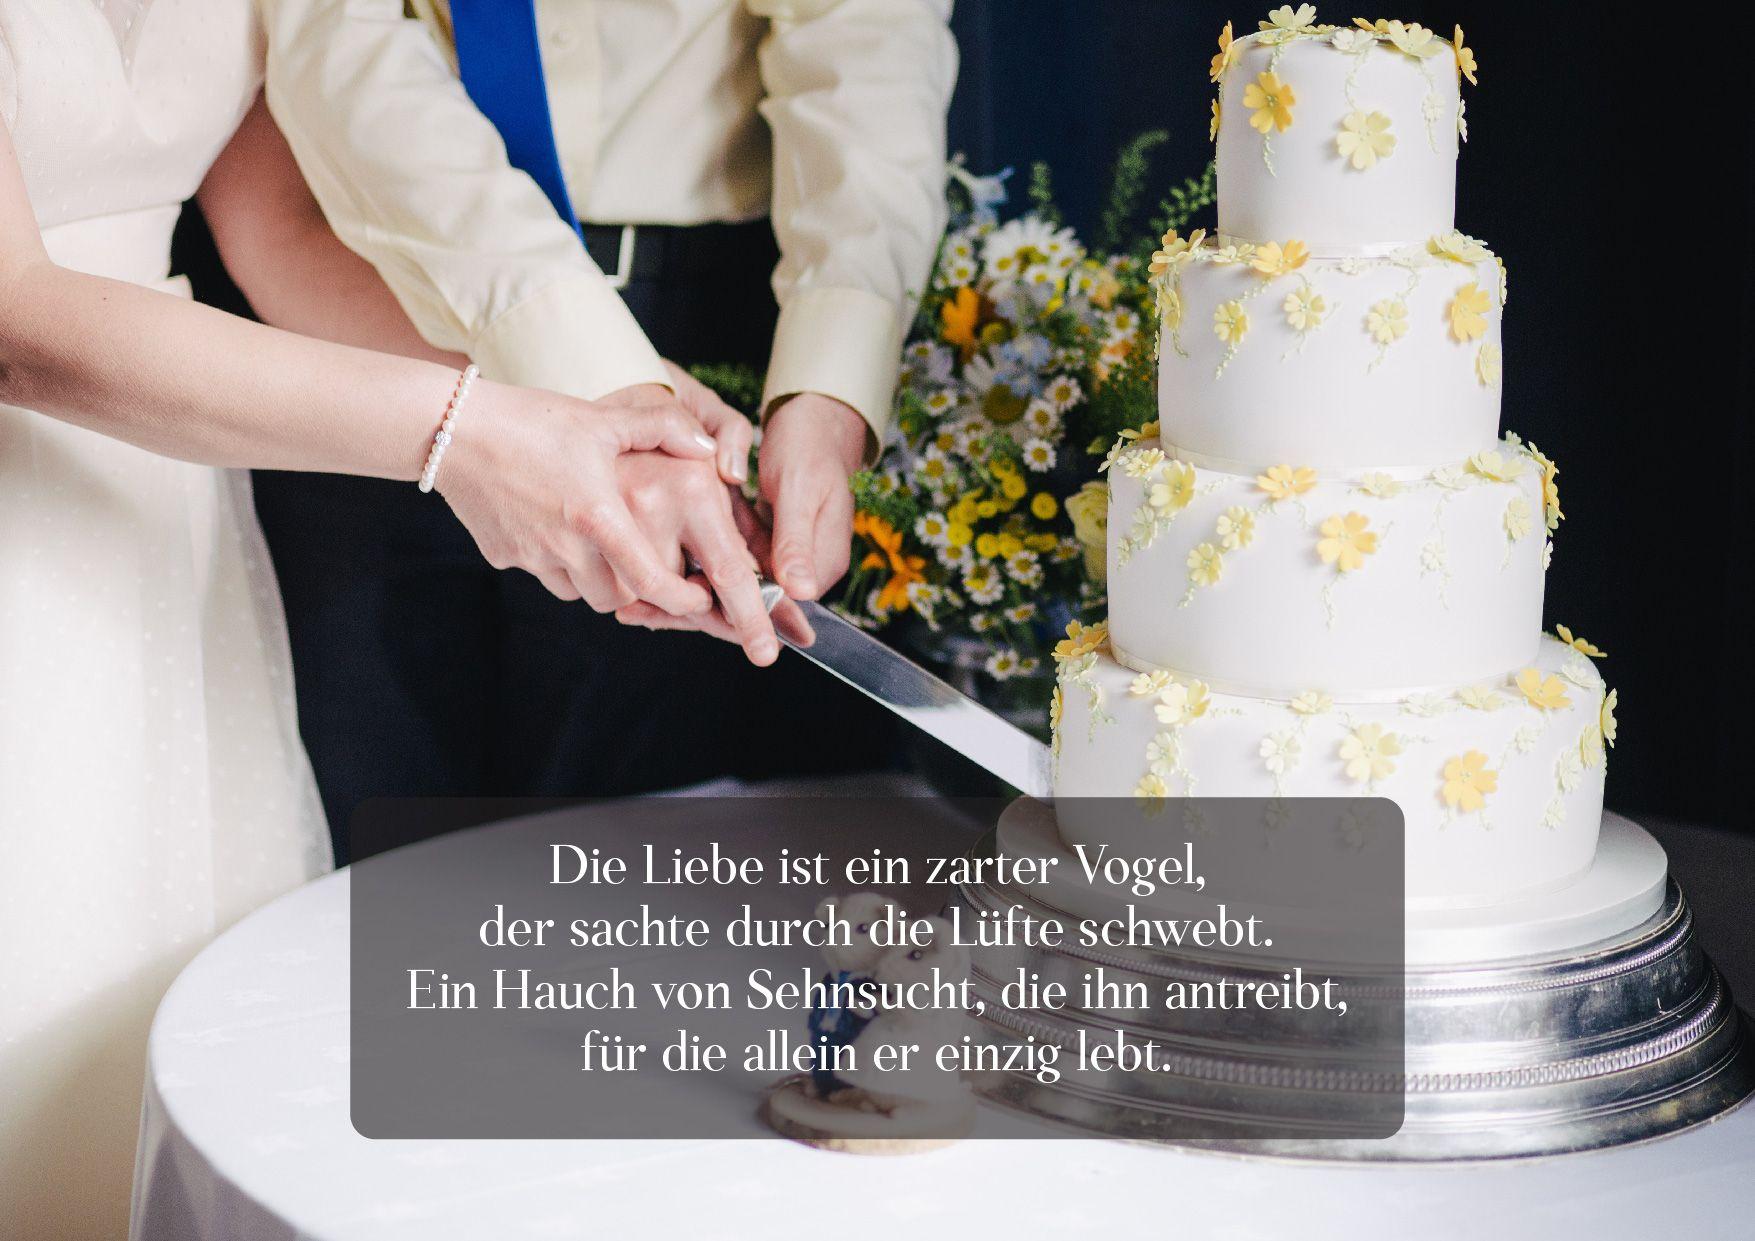 Rund Um Die Hochzeit Gibt Es Zahlreiche Moglichkeiten Um Hochzeitsgedichte Zu Verwenden Als Geladener Hochzeitsgedicht Gedichte Zur Hochzeit Spruche Hochzeit